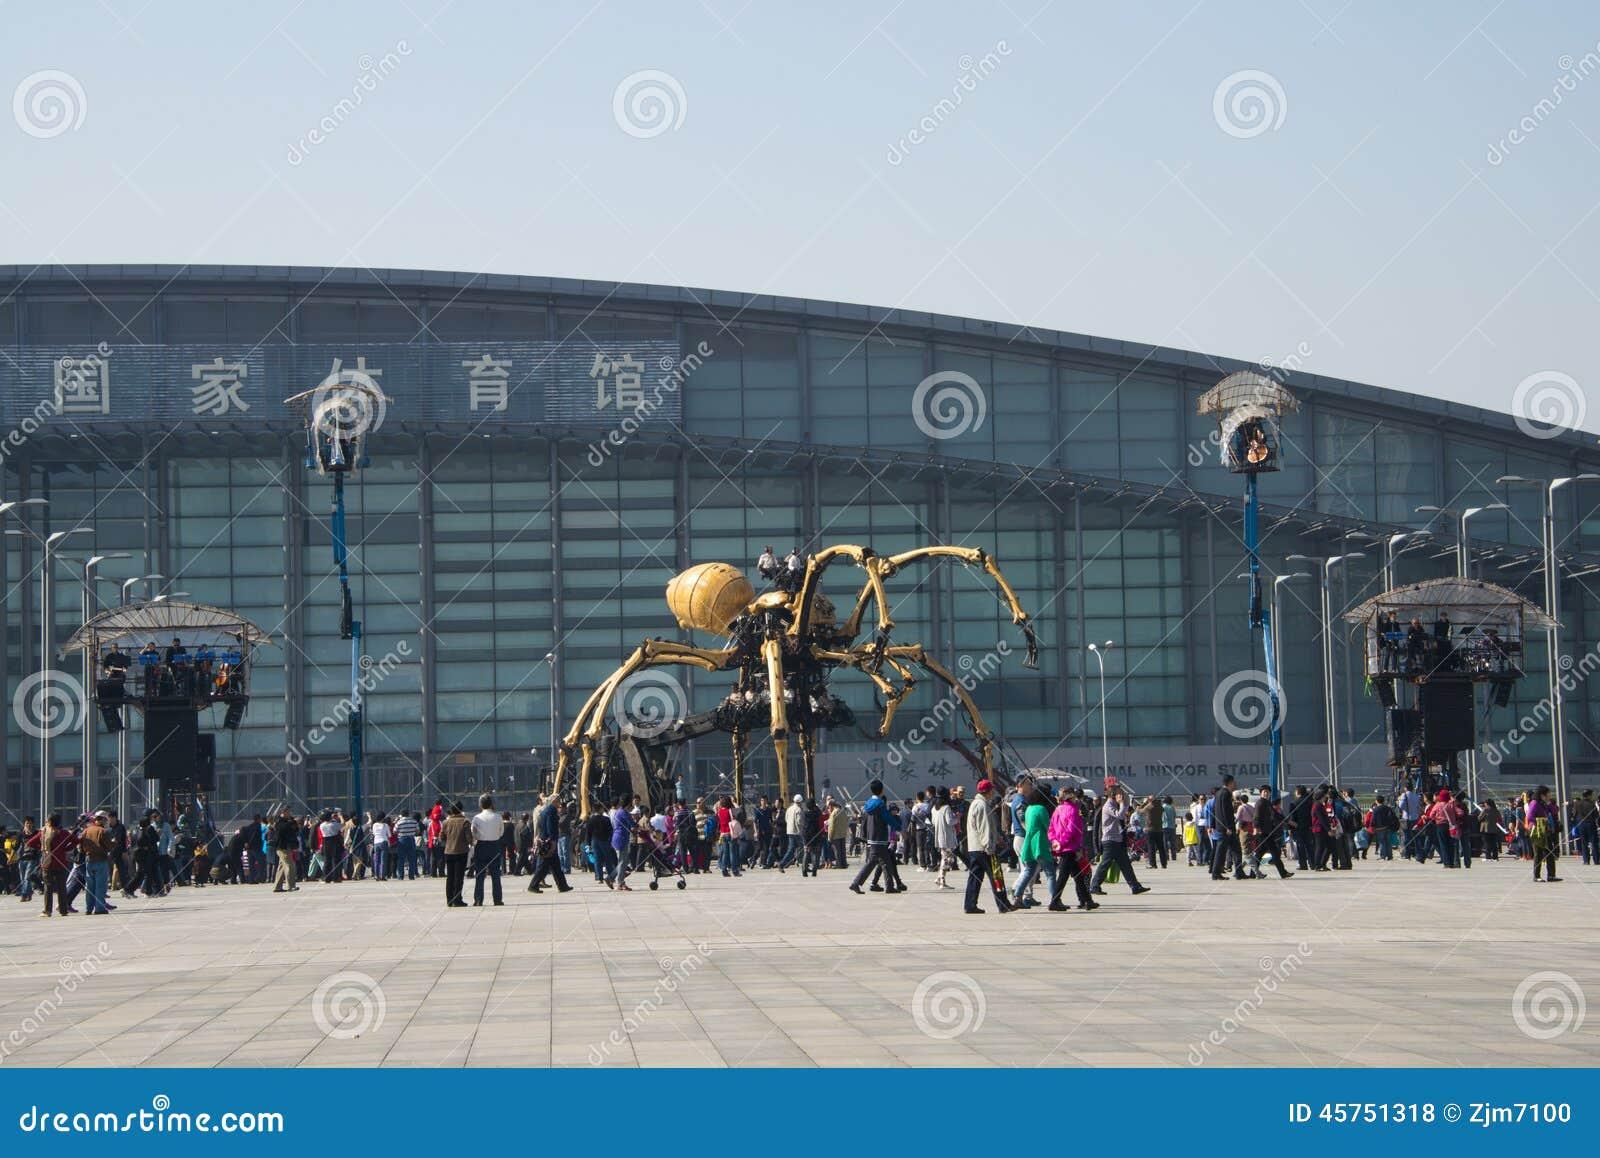 In Asia, la Cina, Pechino, parco olimpico, il ragno, la parata meccanica francese